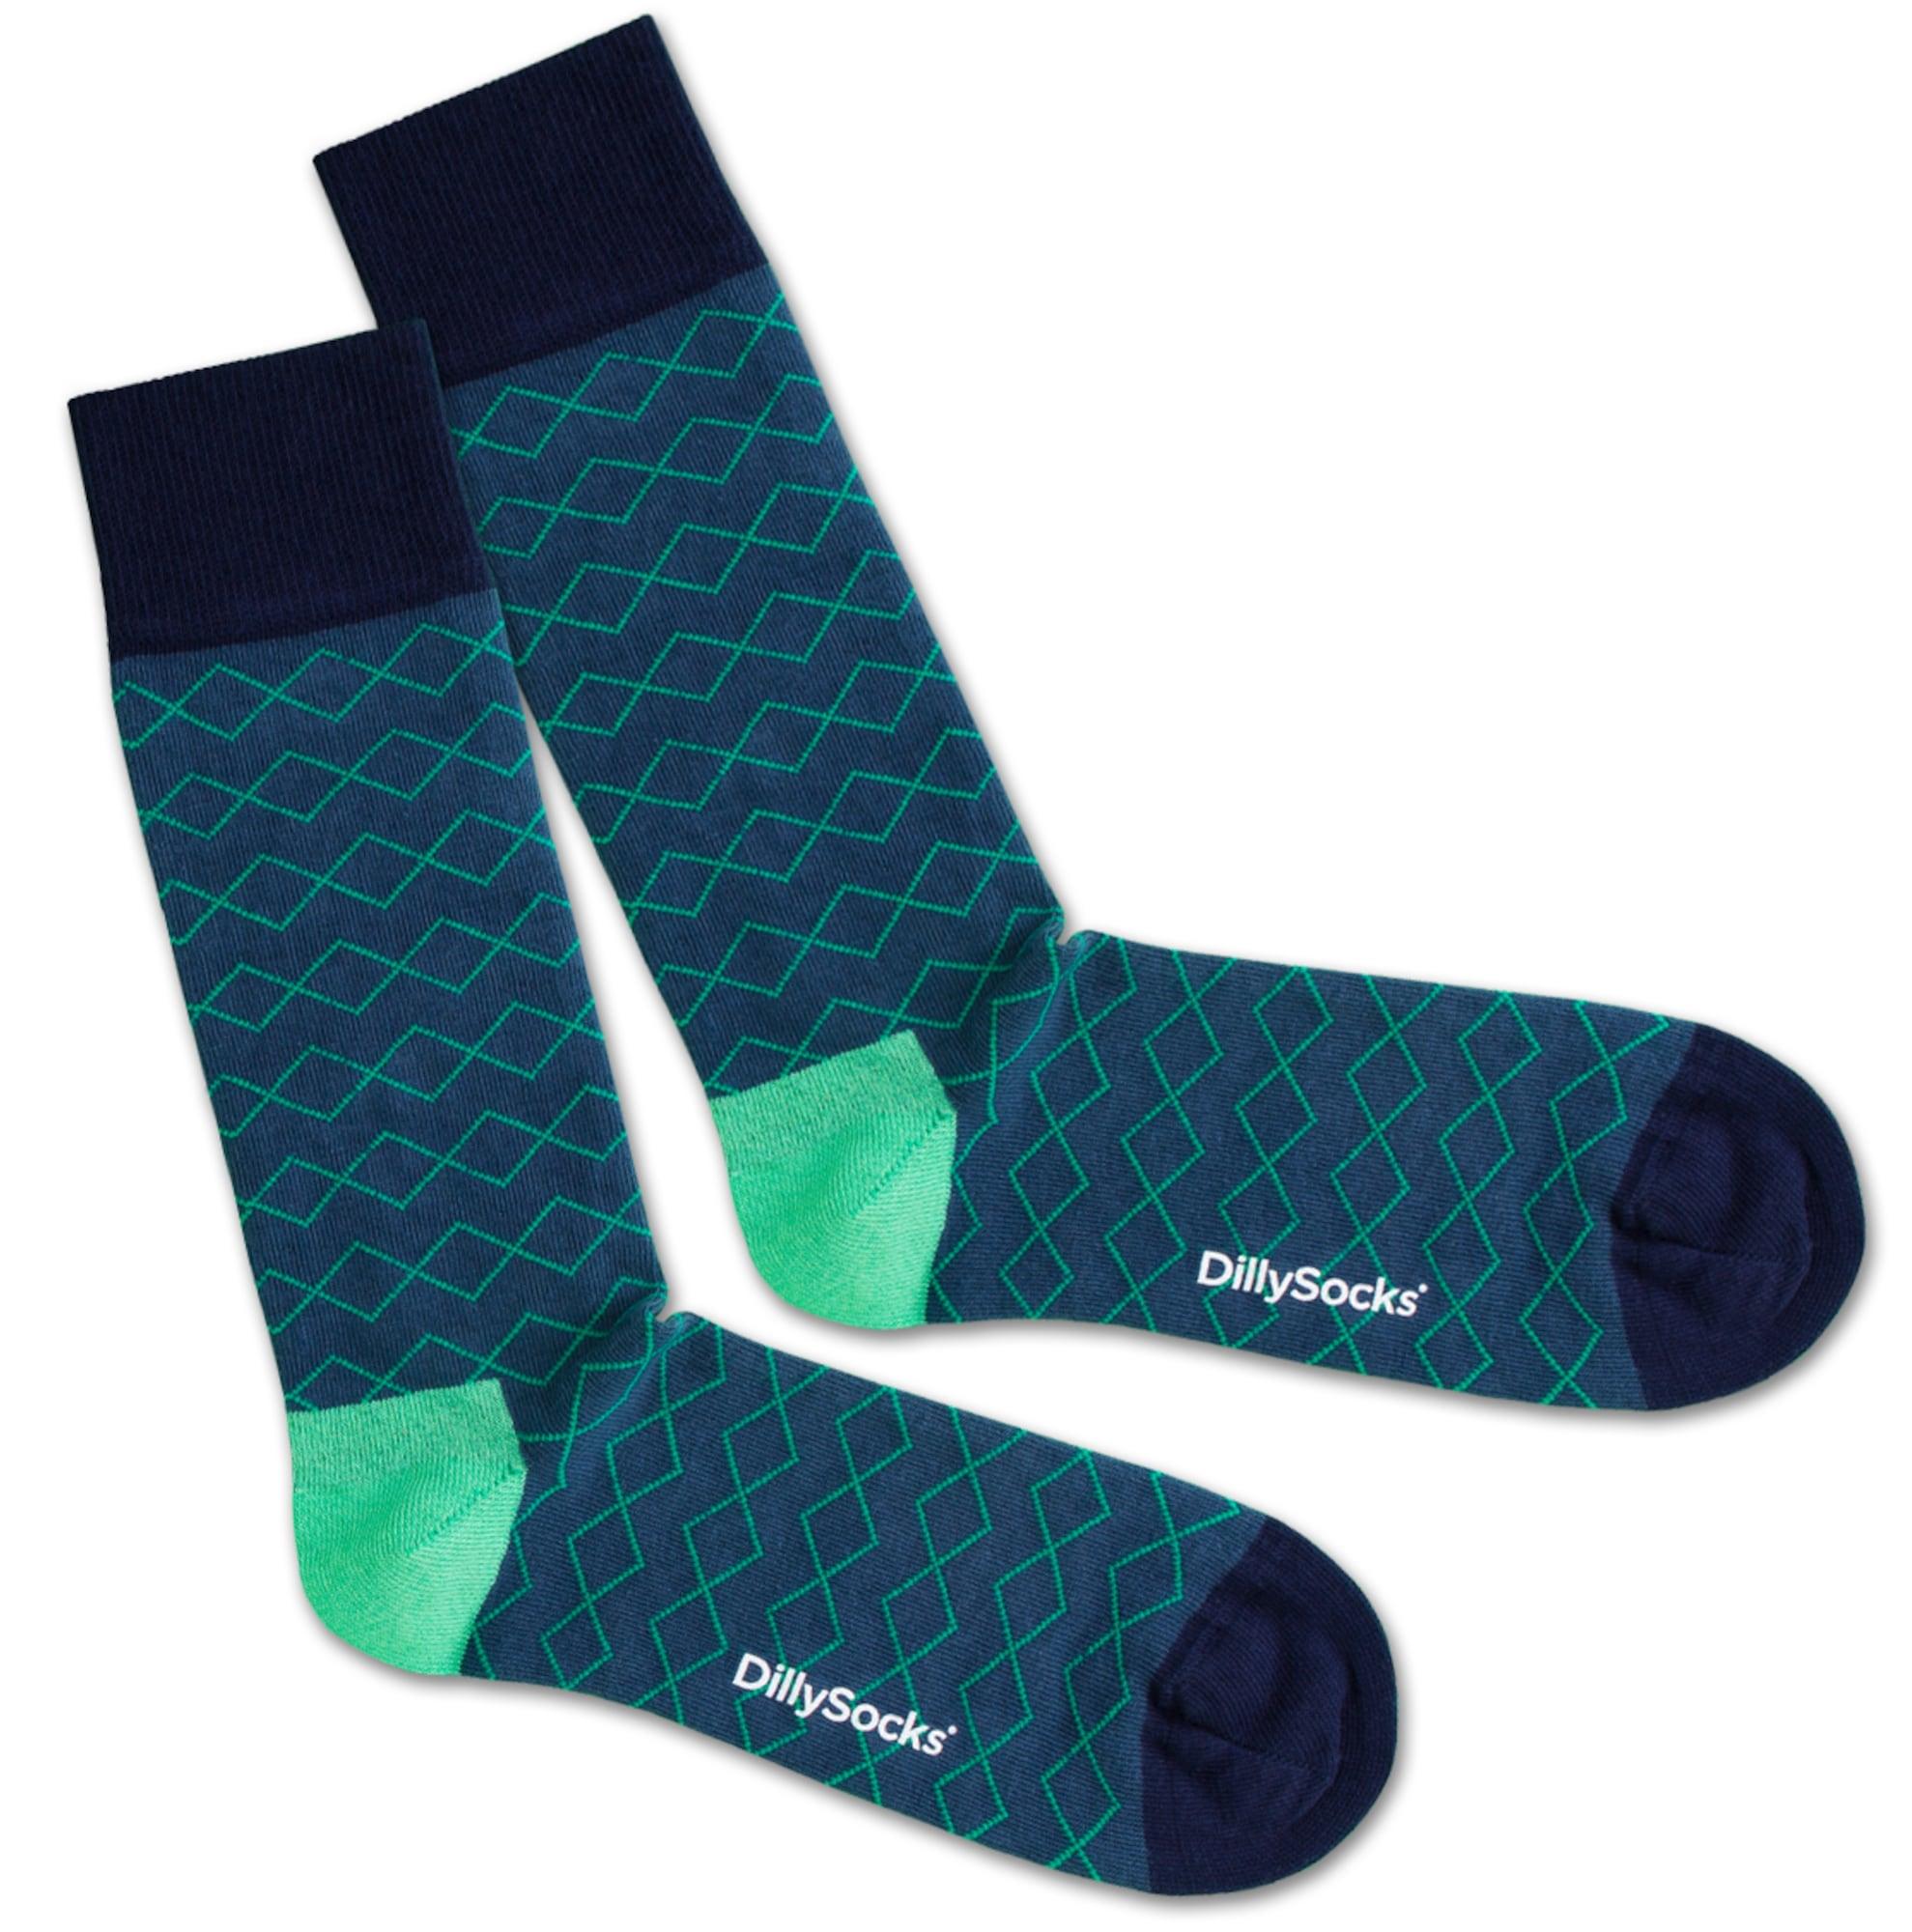 Ponožky Under Water Lines modrá zelená černá DillySocks